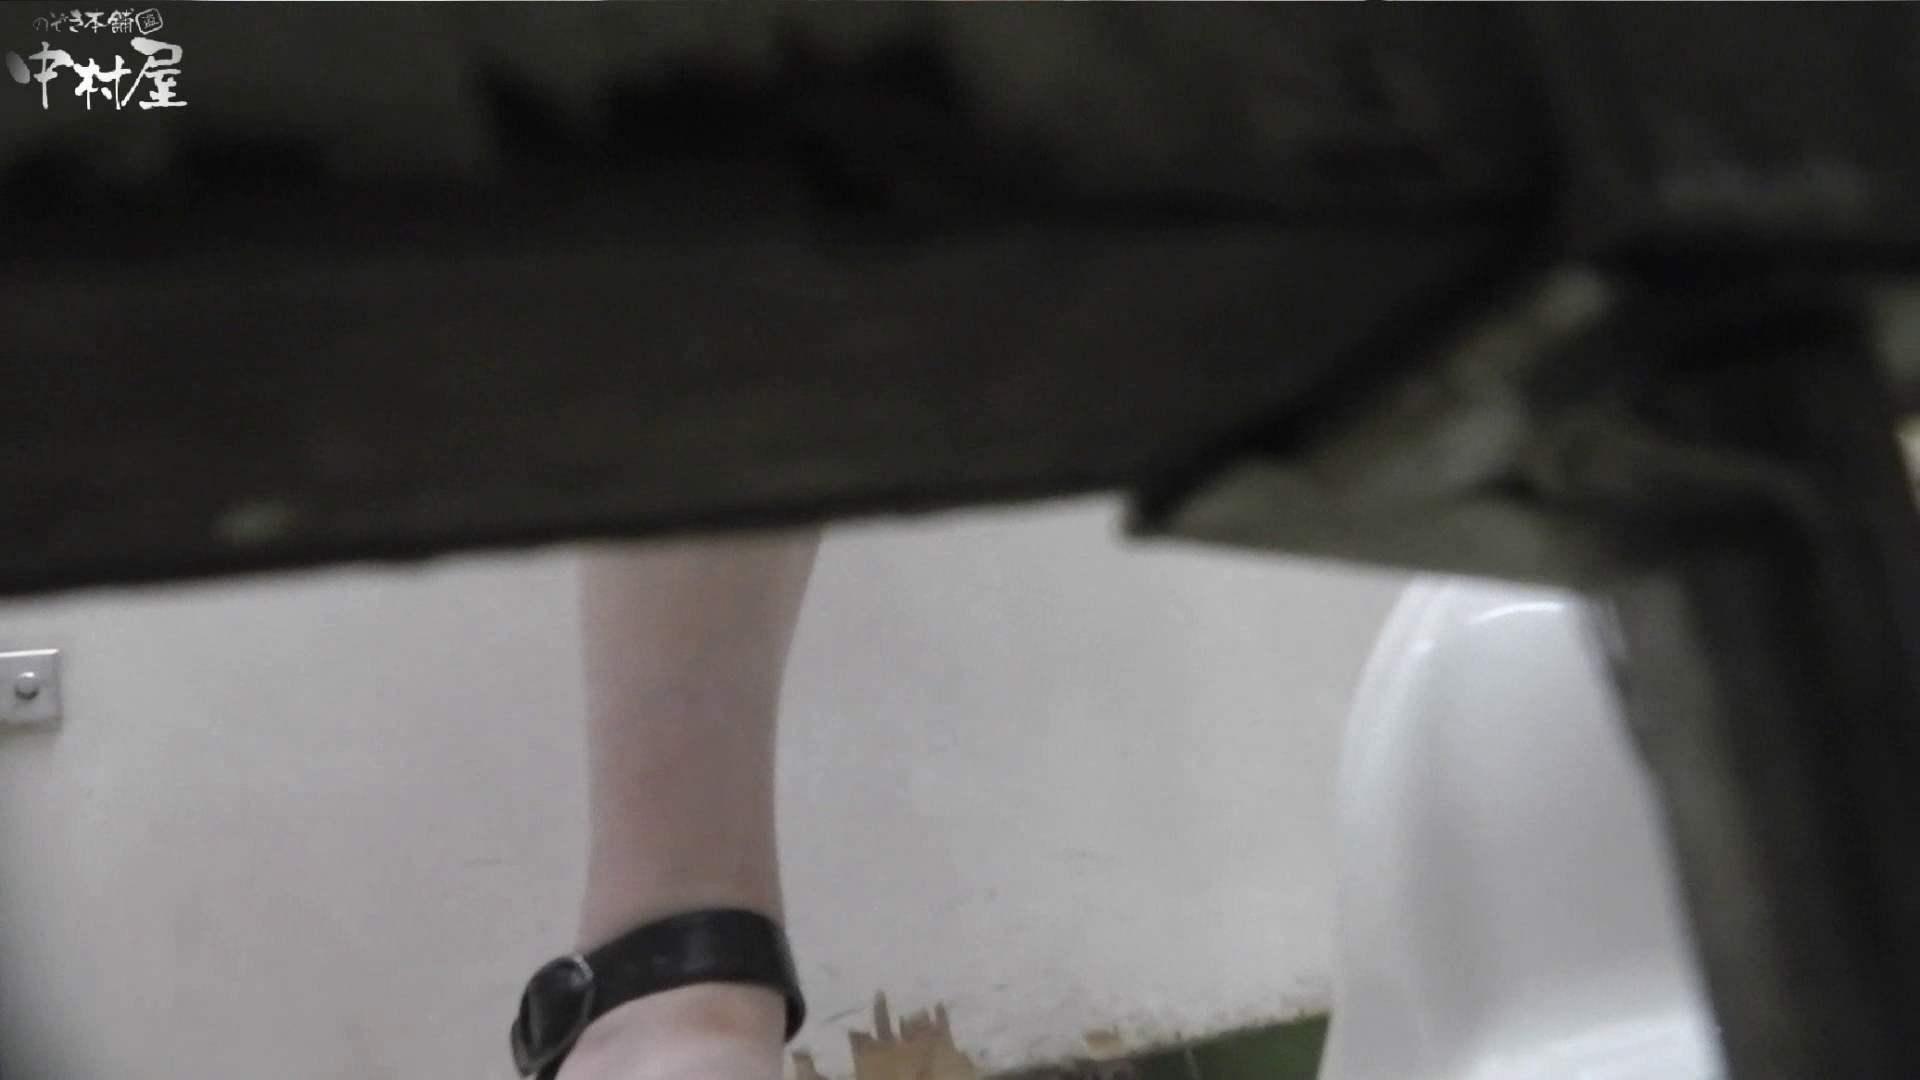 vol.09 命がけ潜伏洗面所! ハミ具さま 美しいOLの裸体 隠し撮りオマンコ動画紹介 104pic 42